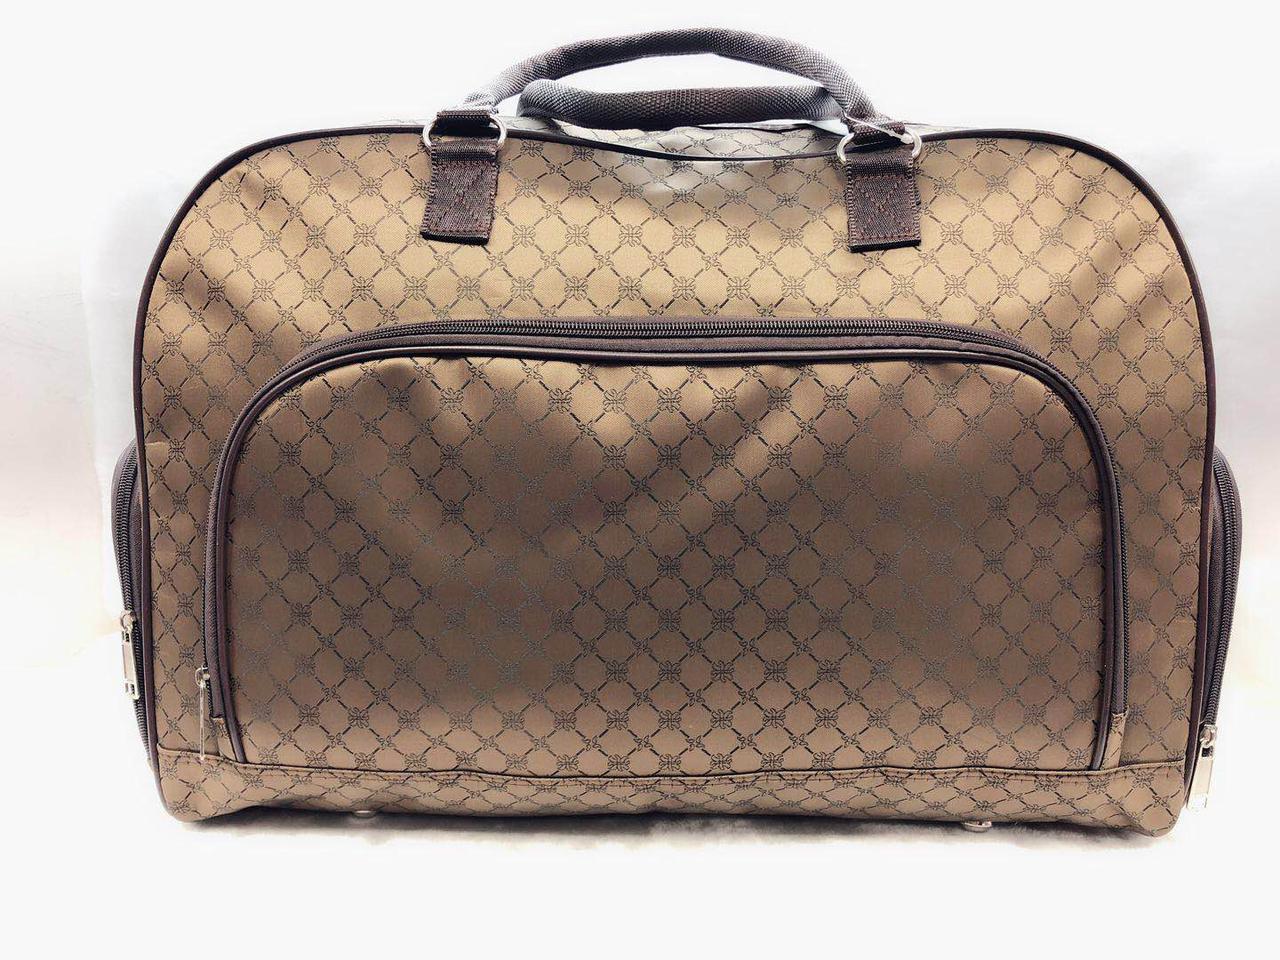 Коричневая женская сумка-саквояж дорожная универсальная текстильная